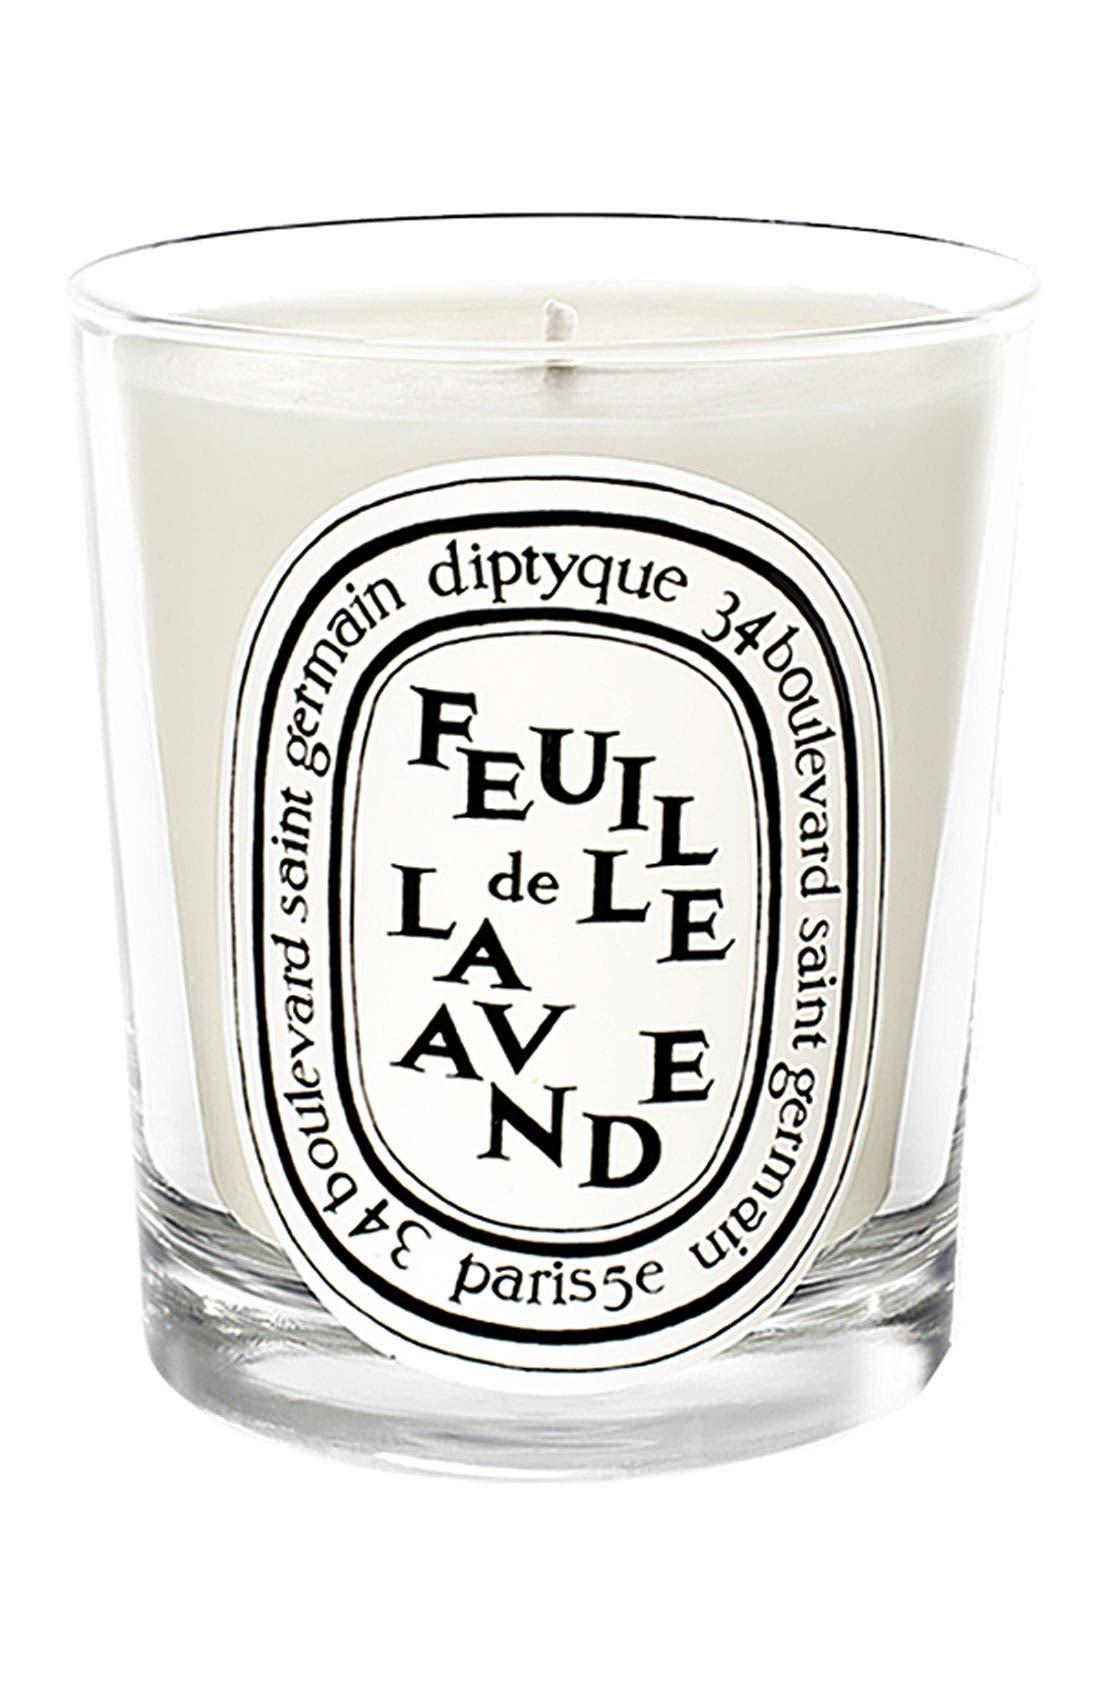 Alternate Image 1 Selected - diptyque Feuille de Lavande/Lavender Leaf Scented Candle